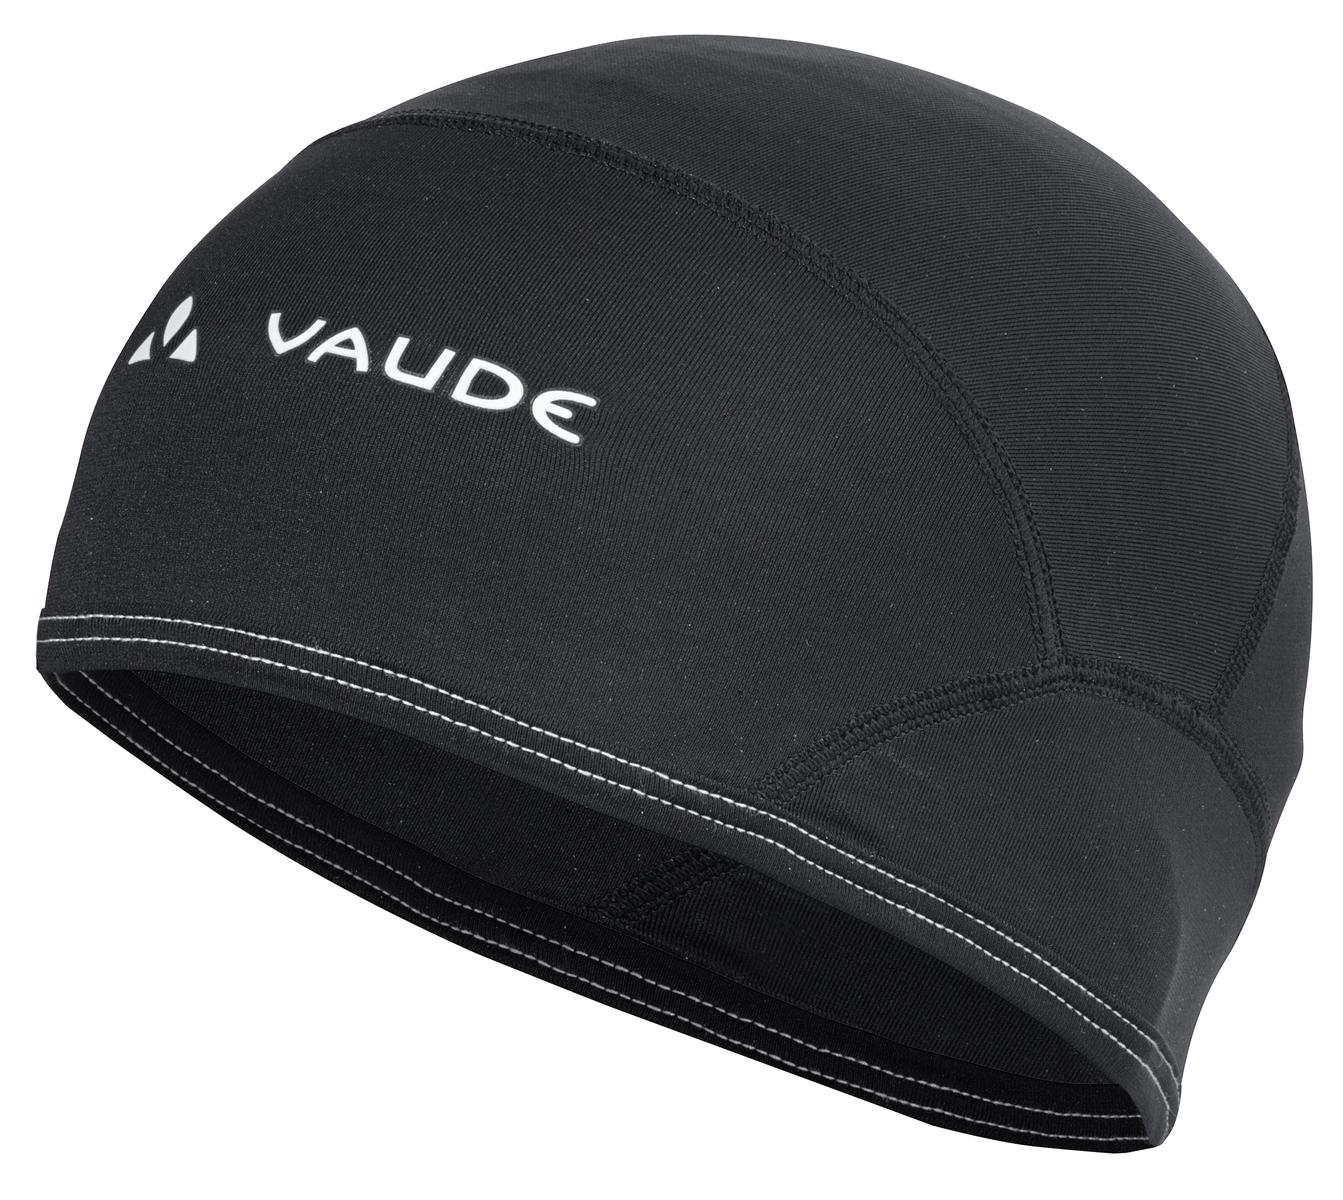 VAUDE UV Cap black Größe S - Total Normal Bikes - Onlineshop und E-Bike Fahrradgeschäft in St.Ingbert im Saarland